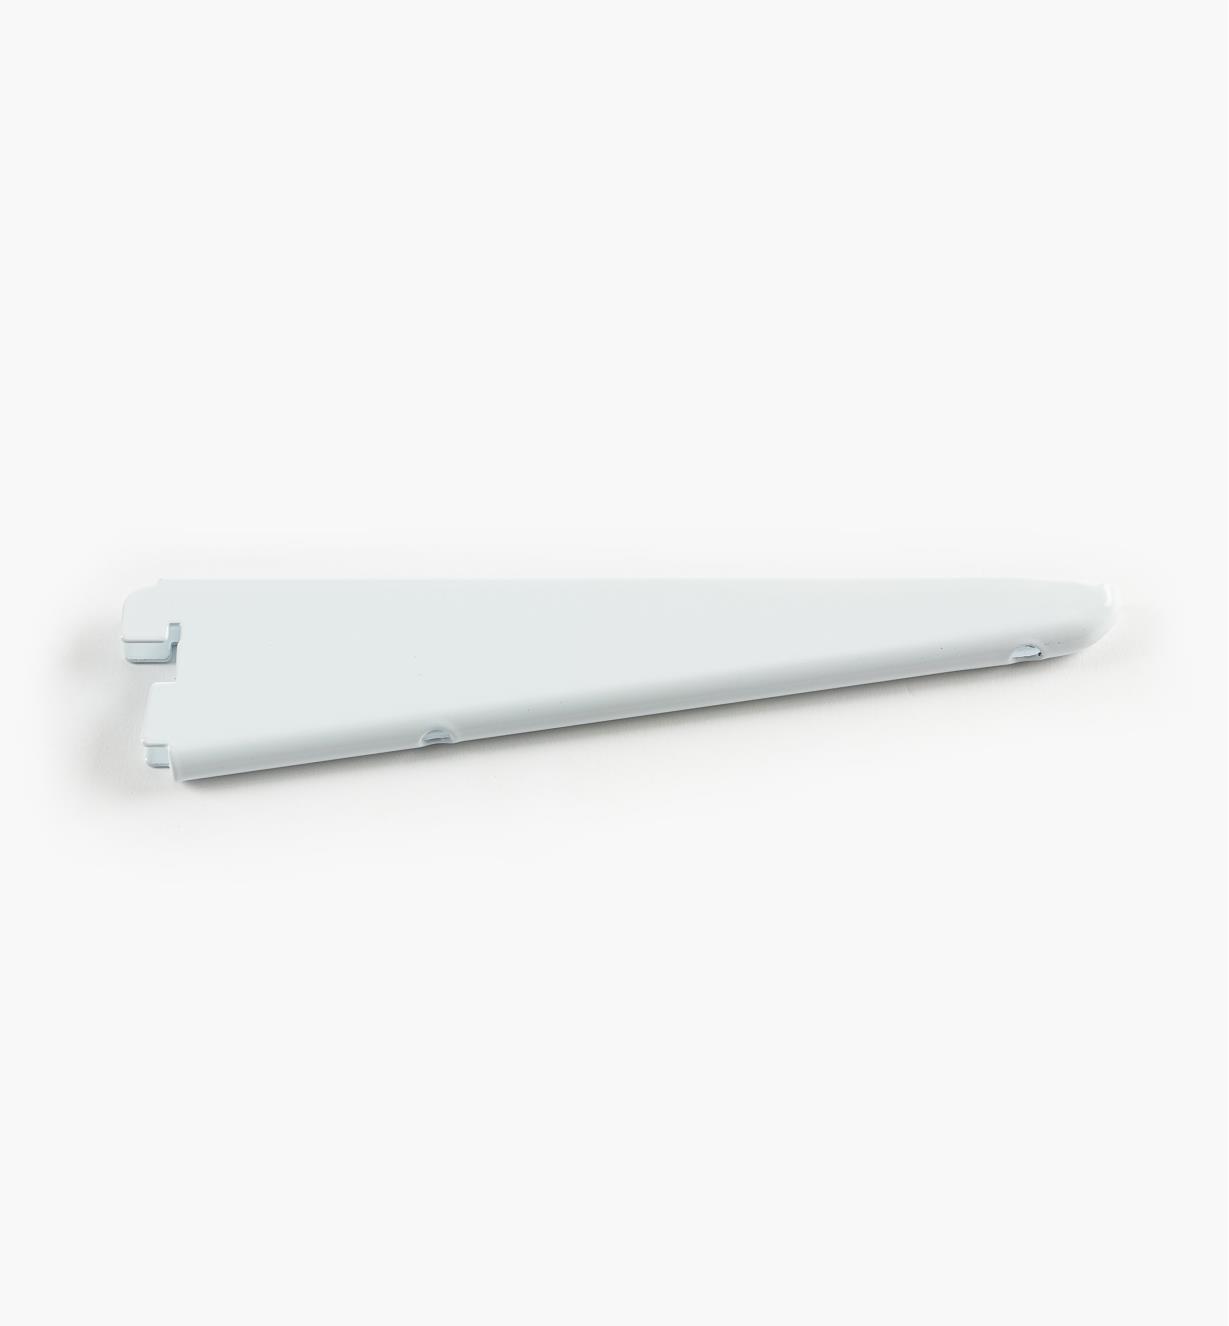 17K4309 - Support de 9 po (185 lb)